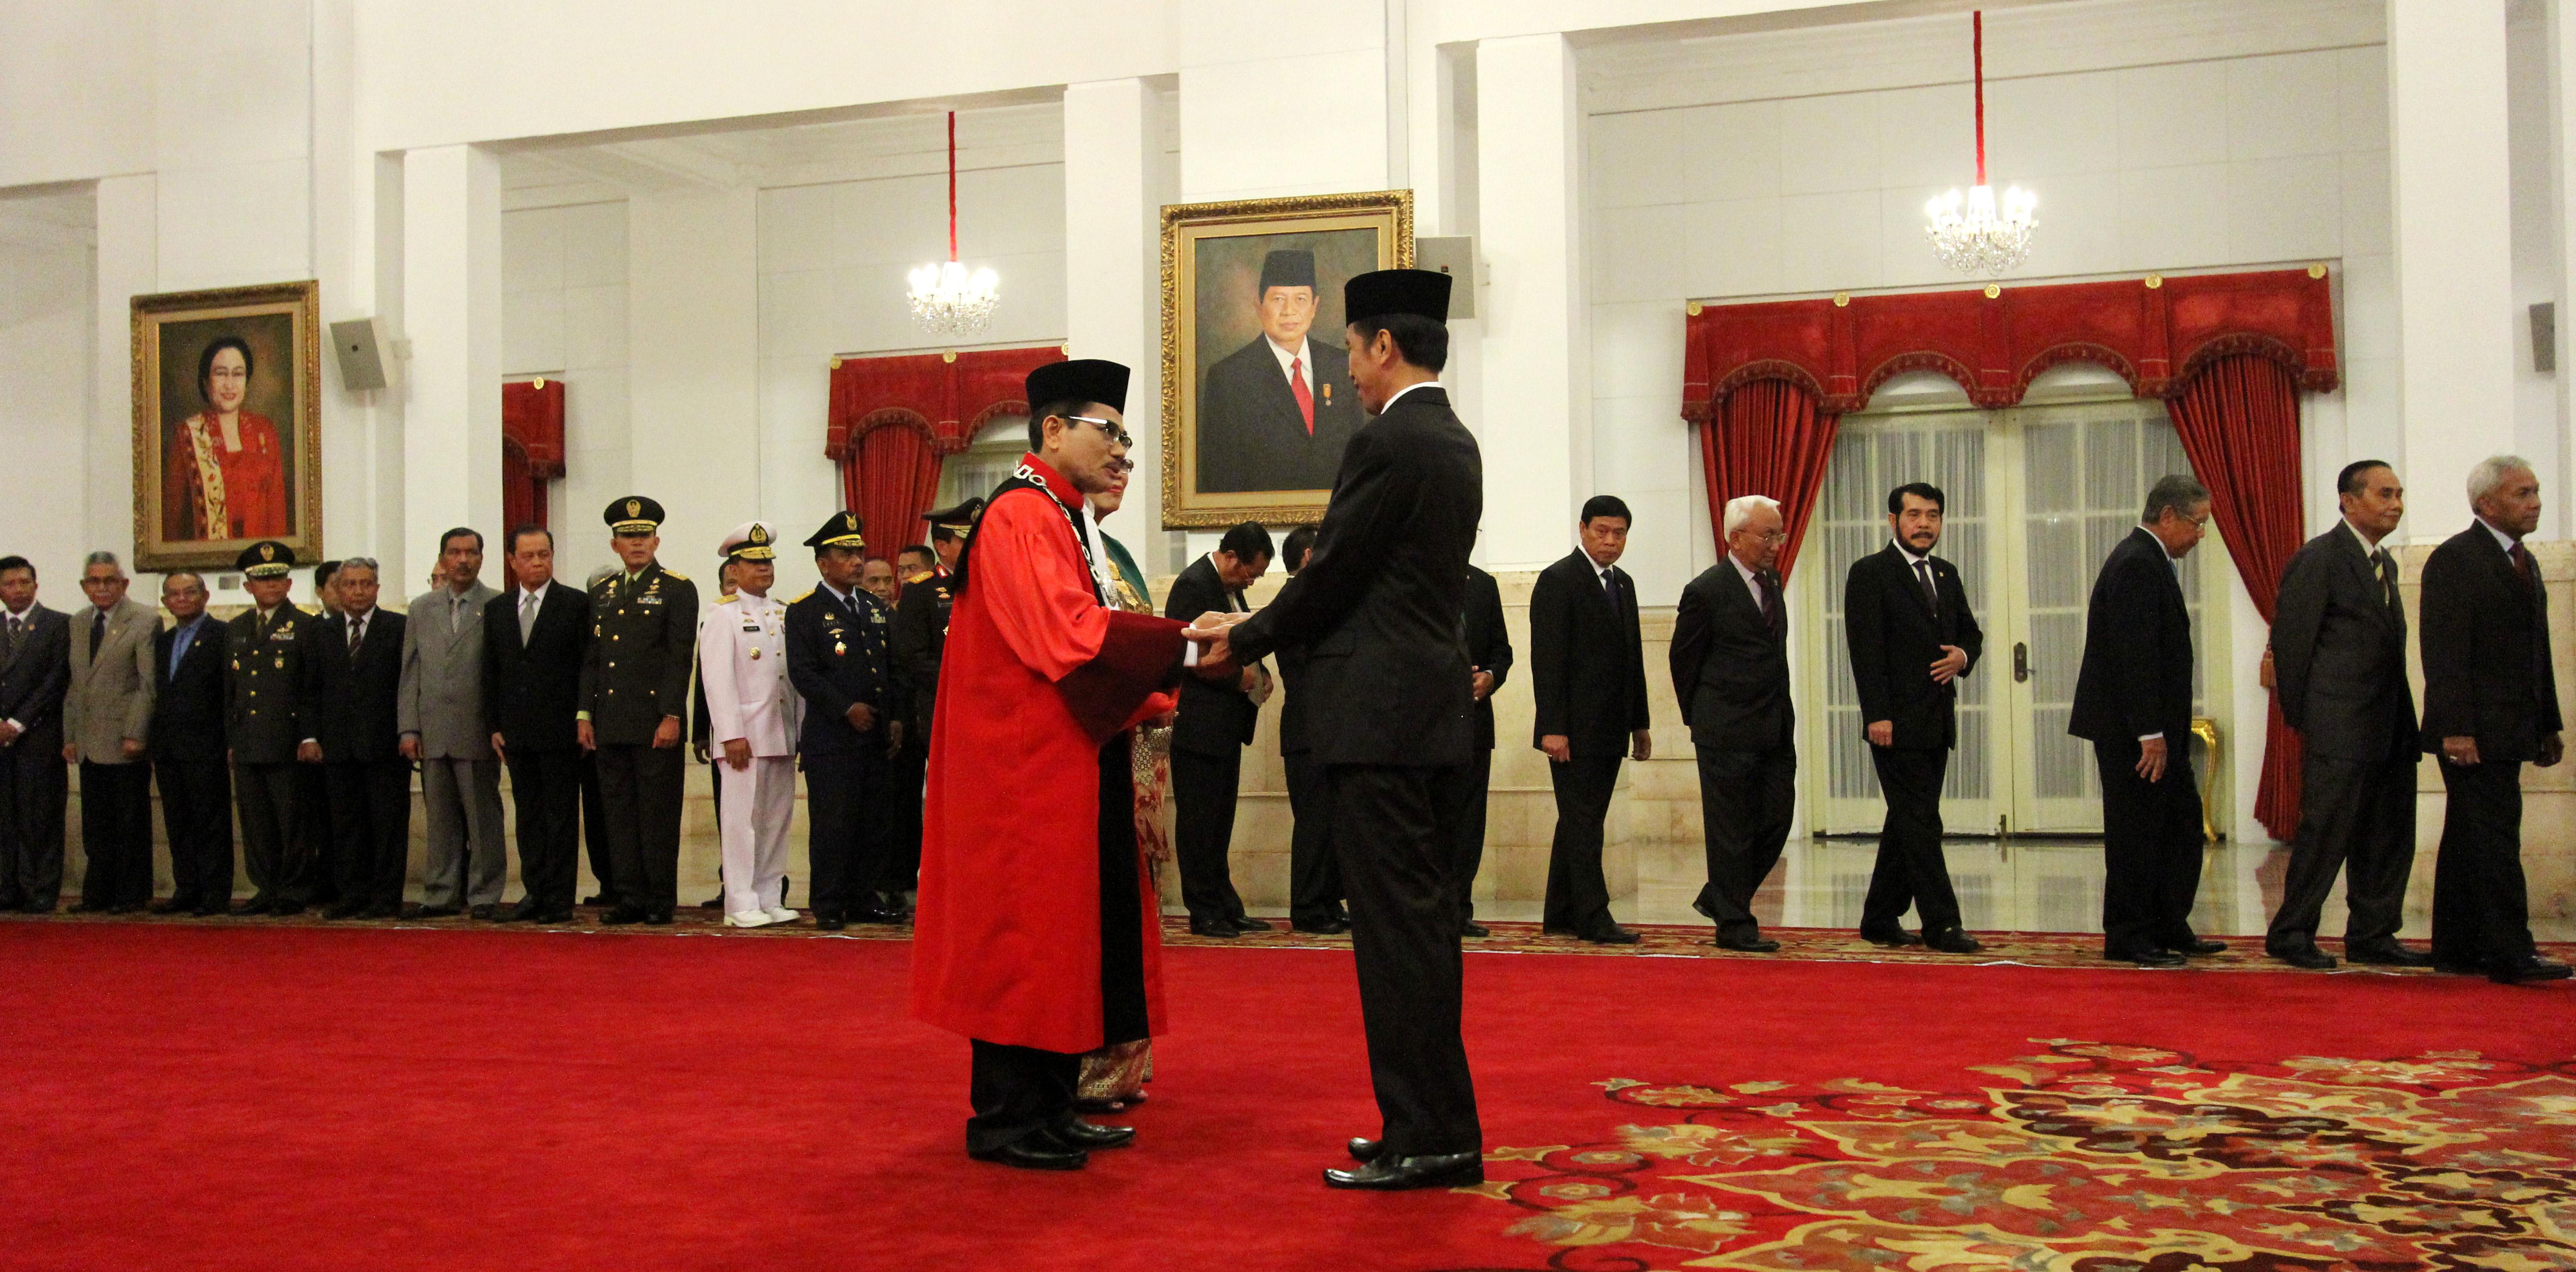 Presiden Jokowi Memberikan Ucapan Selamat Kepada Ketua Hakim Konstitusi Manahan Sitompul